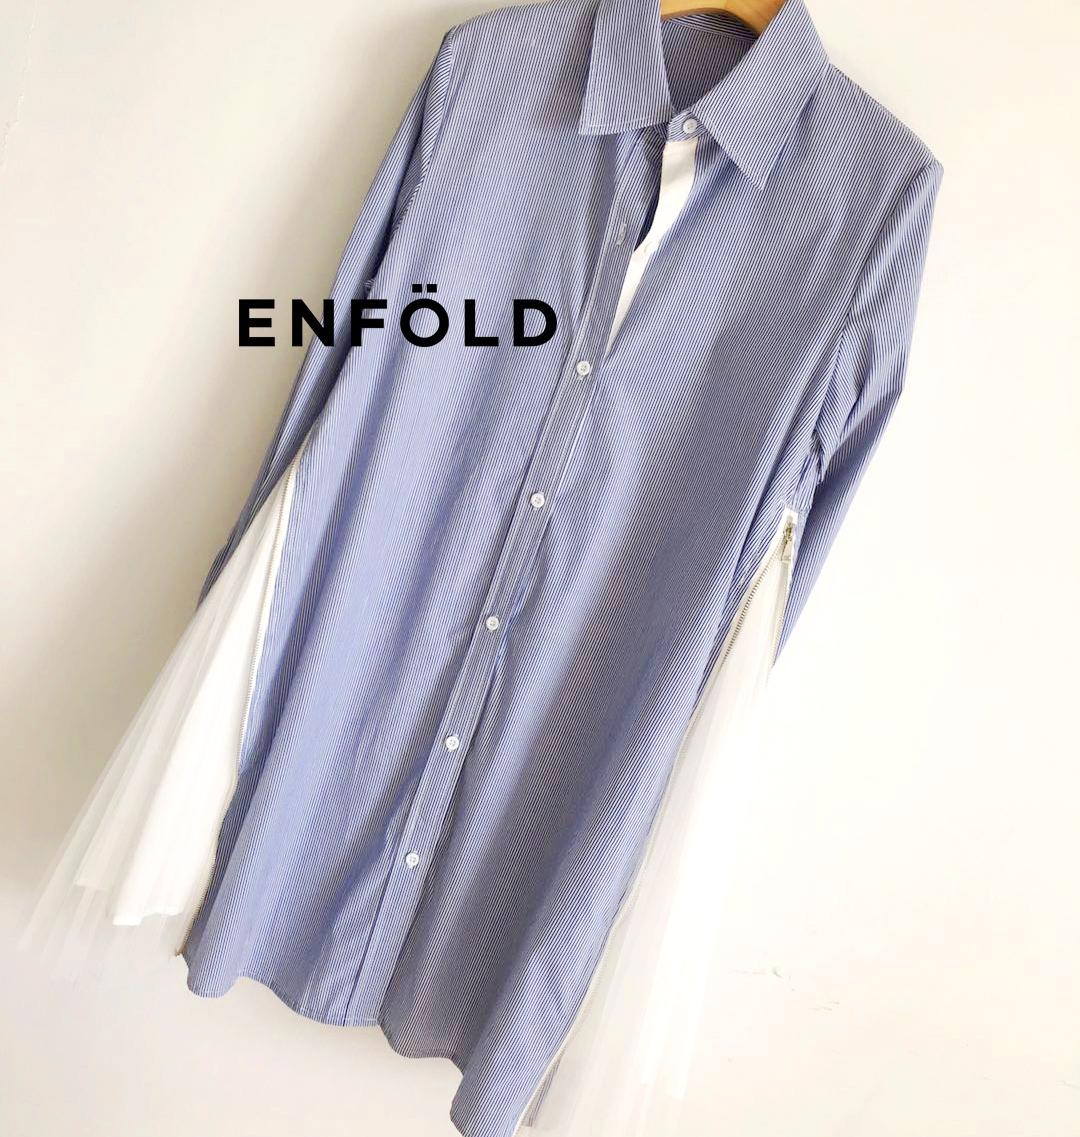 大人気 enfold エンフォルド ストライプシャツ 異素材 チュール ドッキング ブラウス シャツ シャツワンピース 完売 ブルー